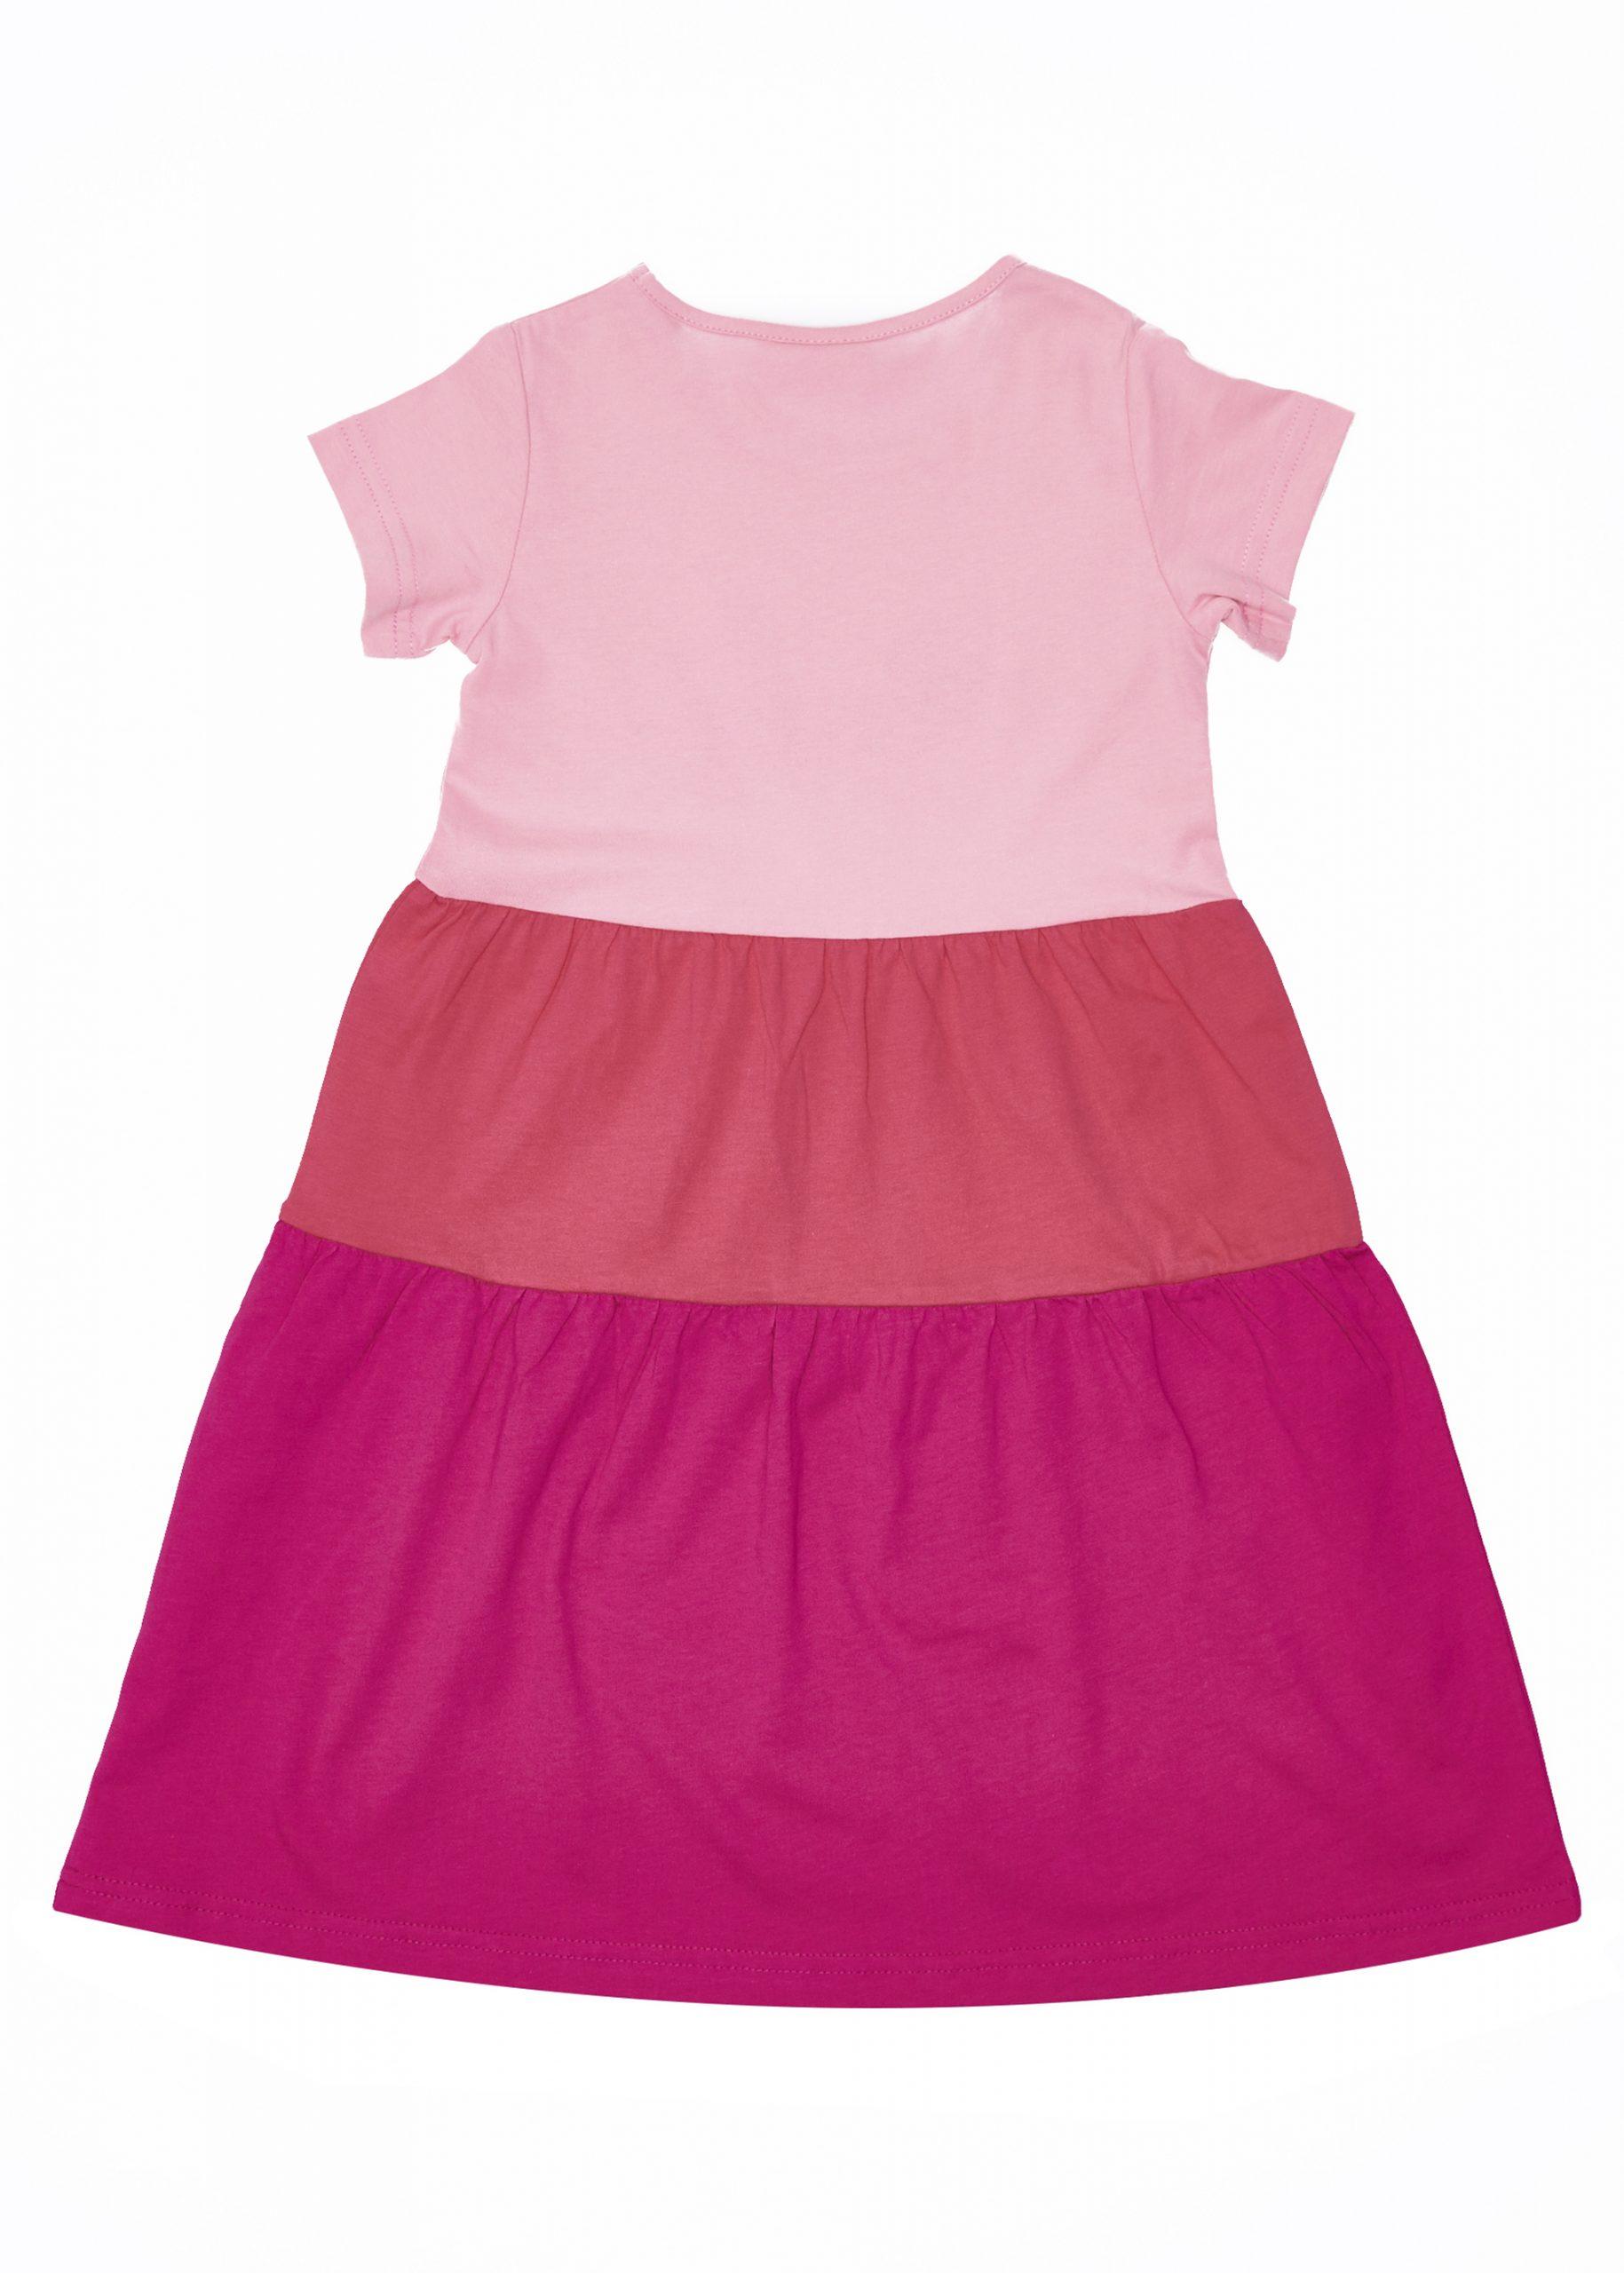 Dívčí šaty Paris Růžová/Fuchsie